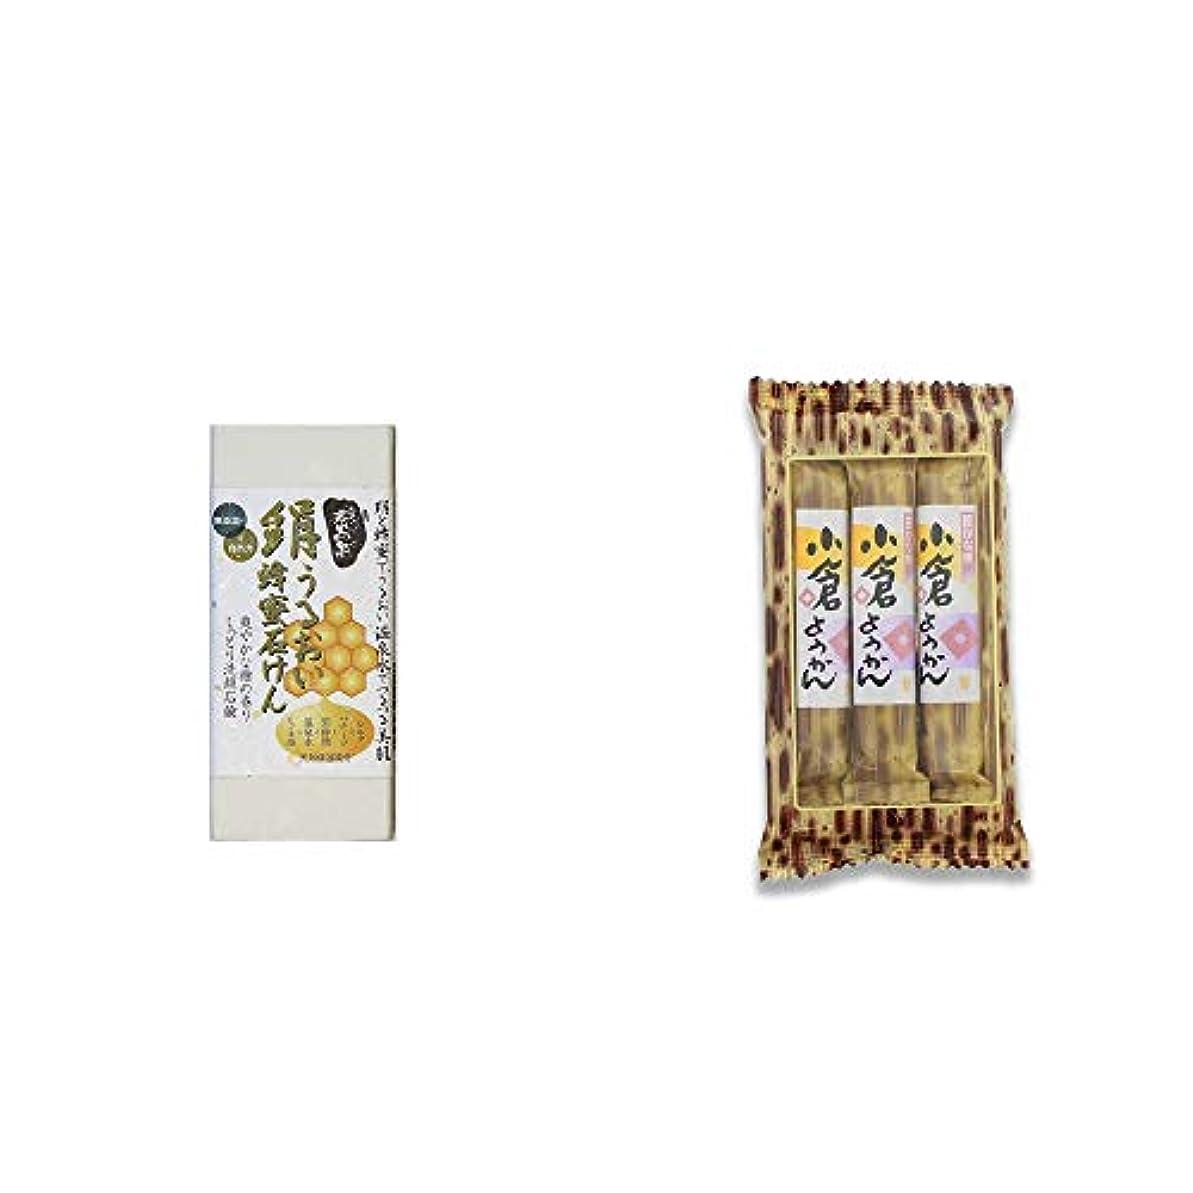 手術レーダーマーティンルーサーキングジュニア[2点セット] ひのき炭黒泉 絹うるおい蜂蜜石けん(75g×2)?スティックようかん[小倉](50g×3本)